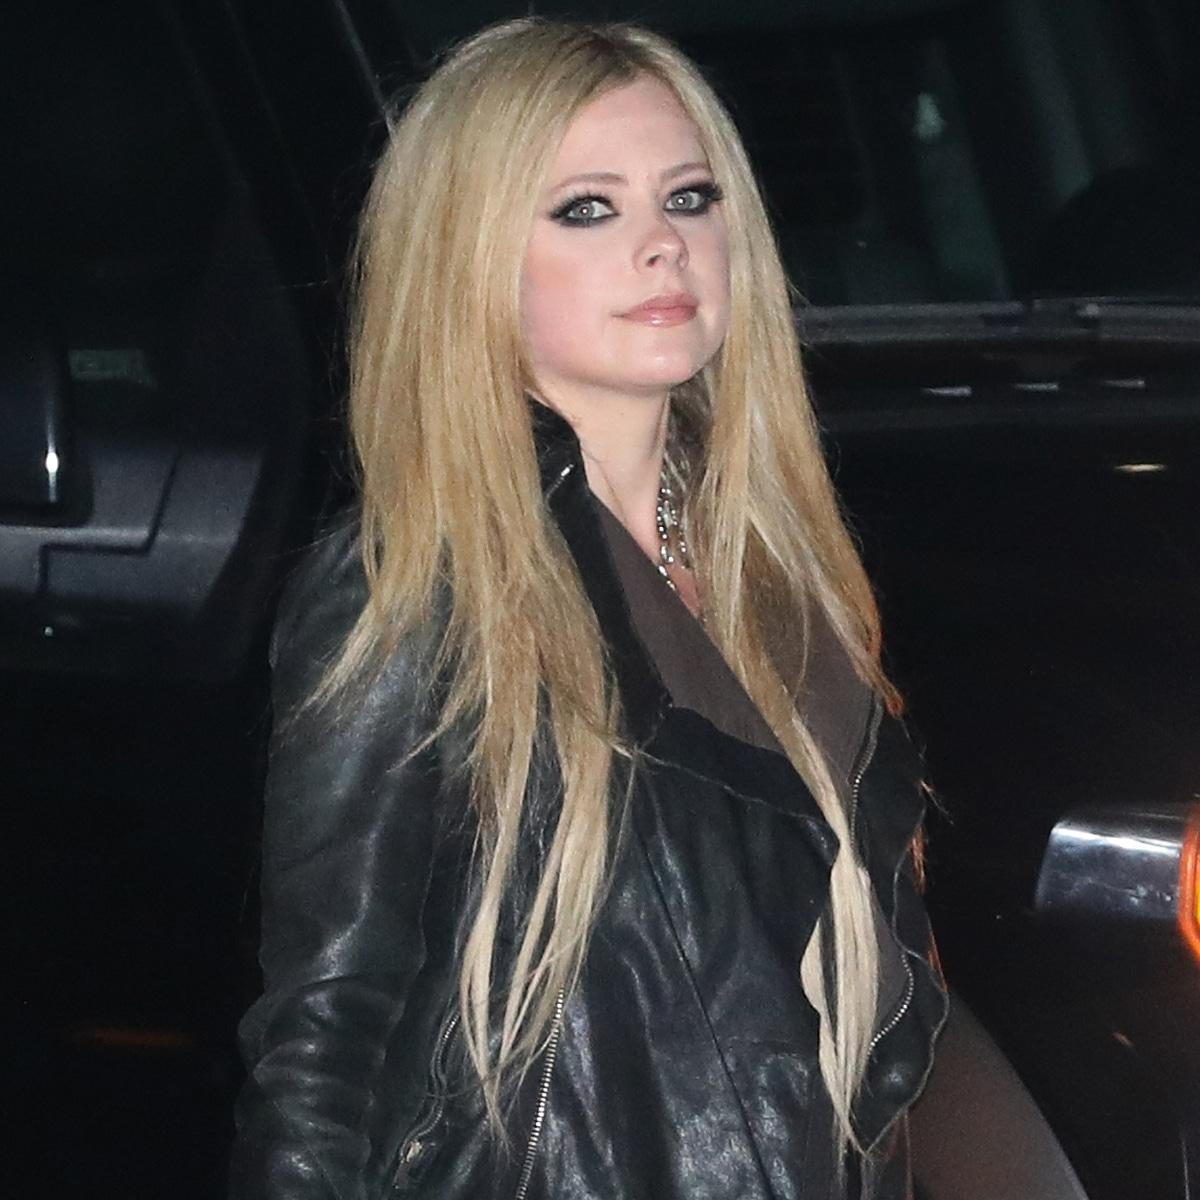 """Avril Lavigne Proves She Hasn't Aged in """"Sk8er Boi"""" TikTok Debut - E!  Online - AP"""